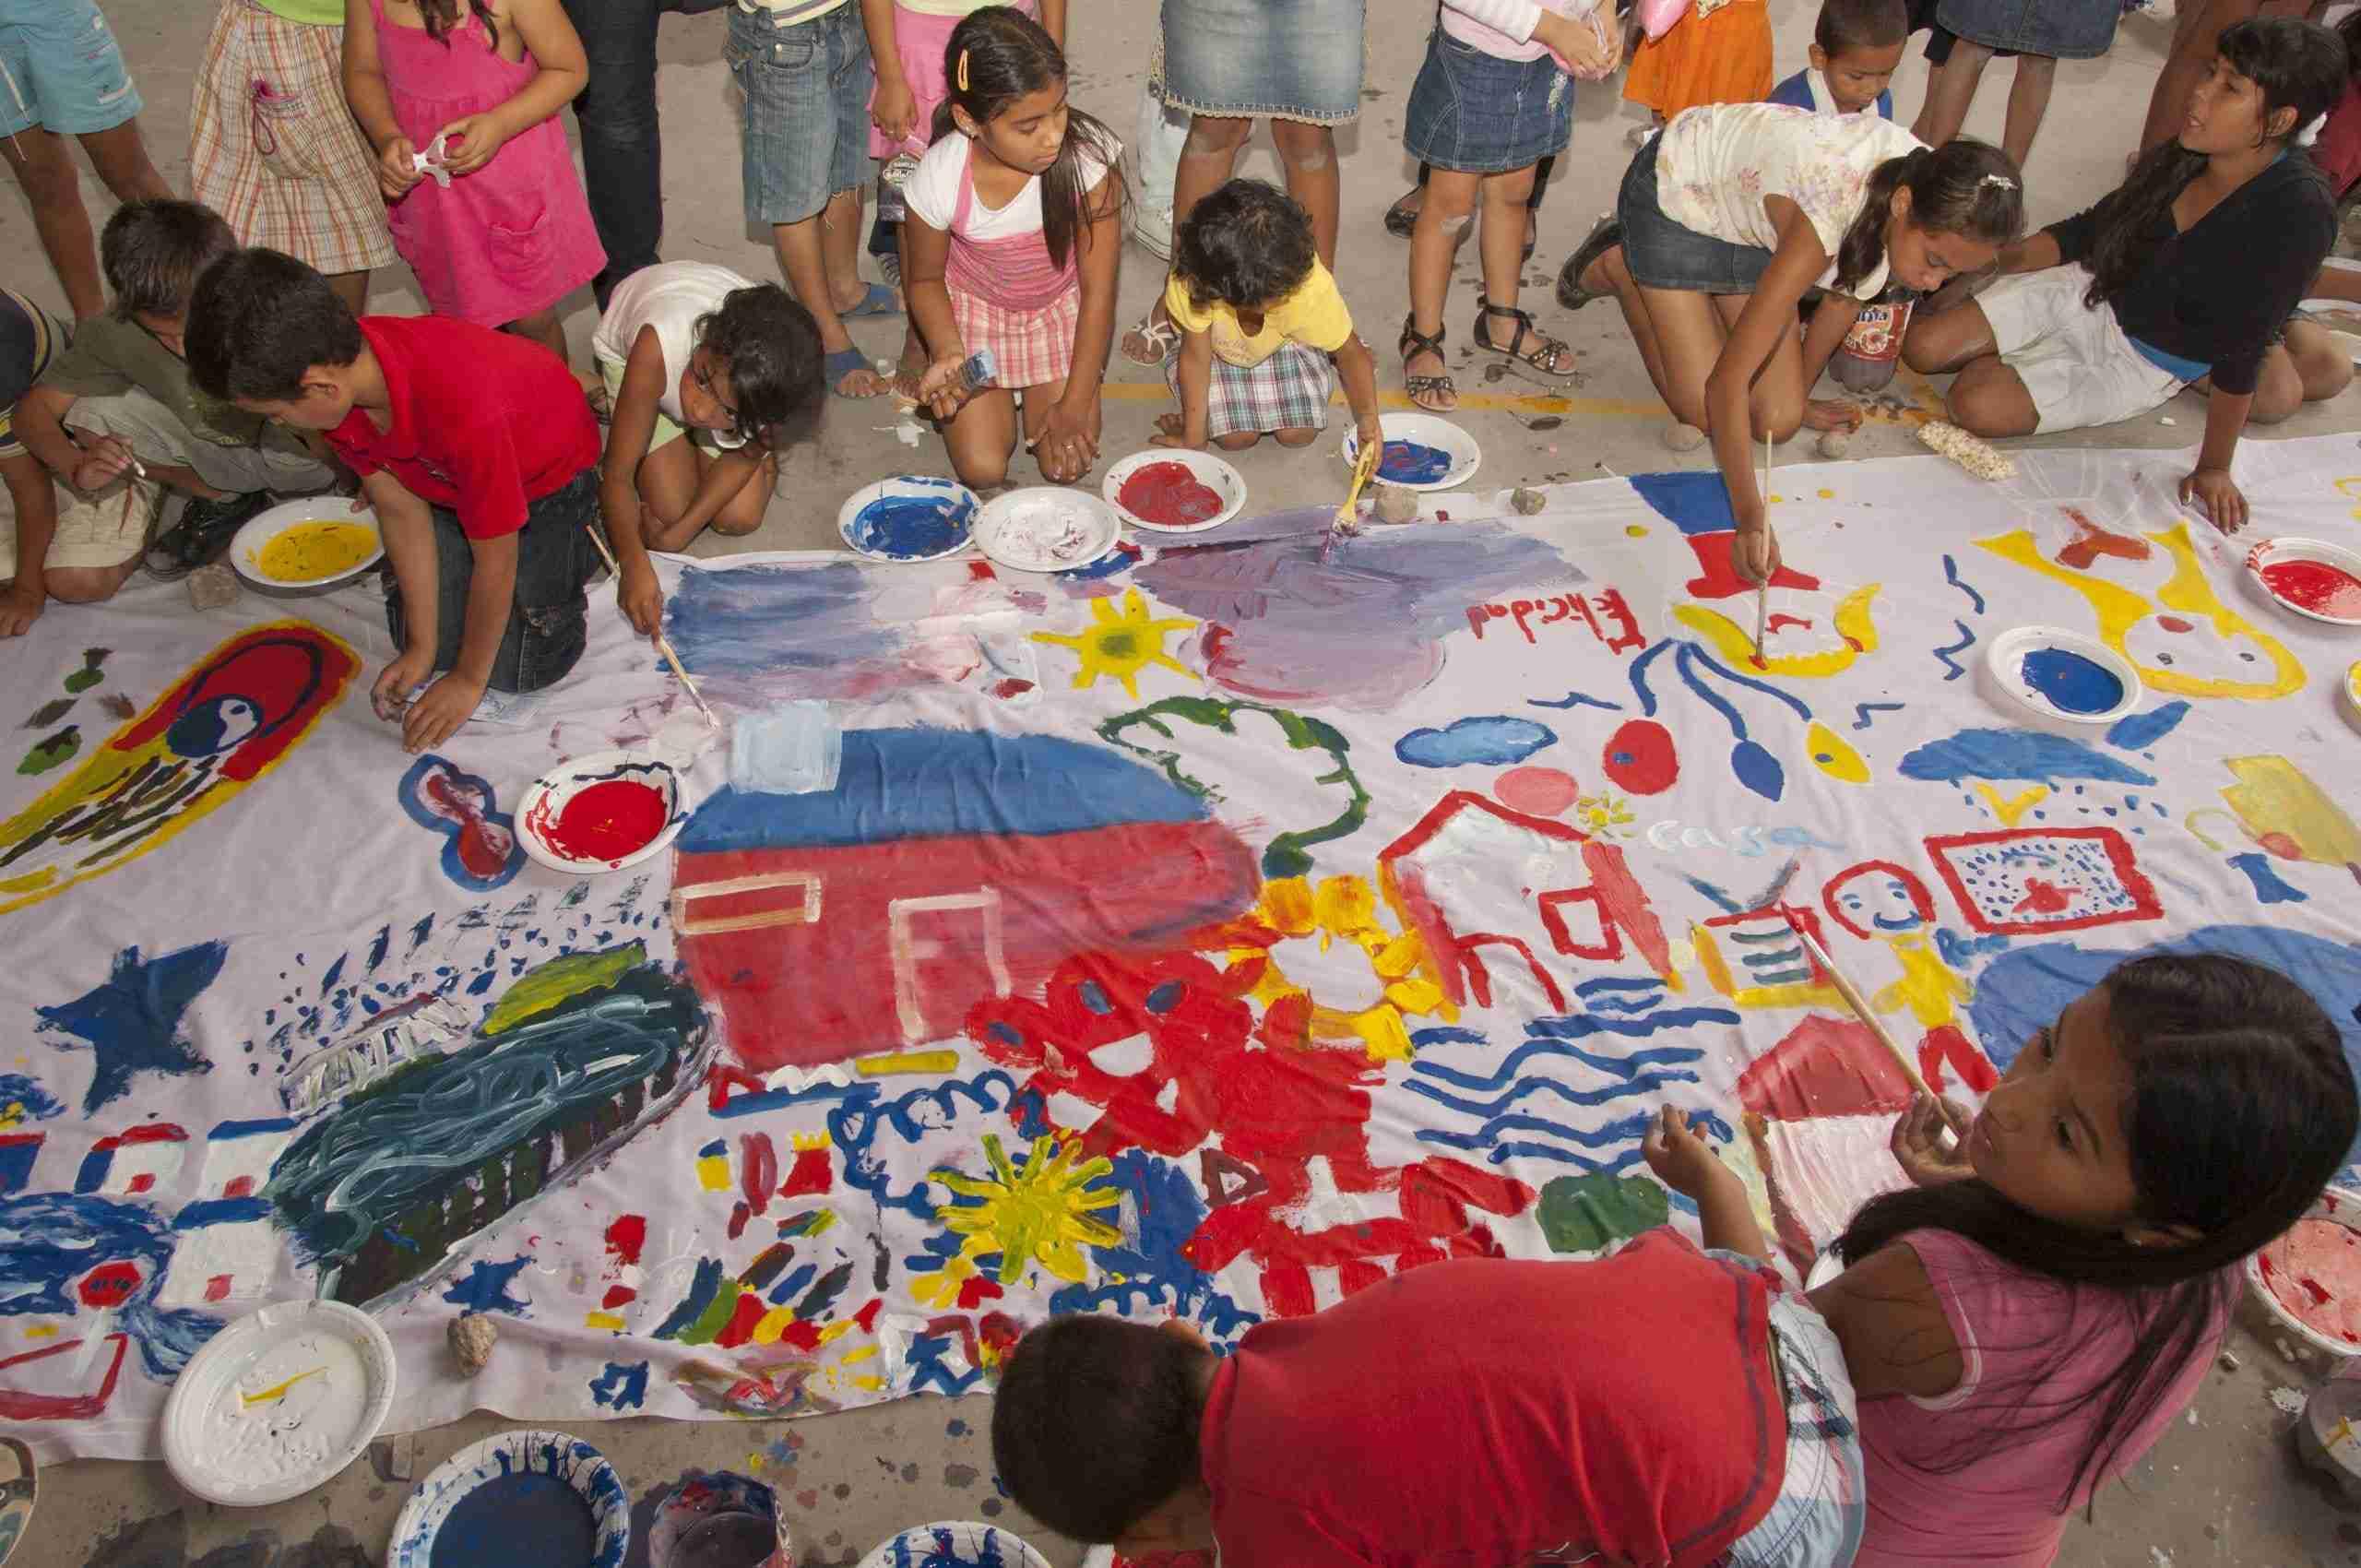 Kids paint a mural